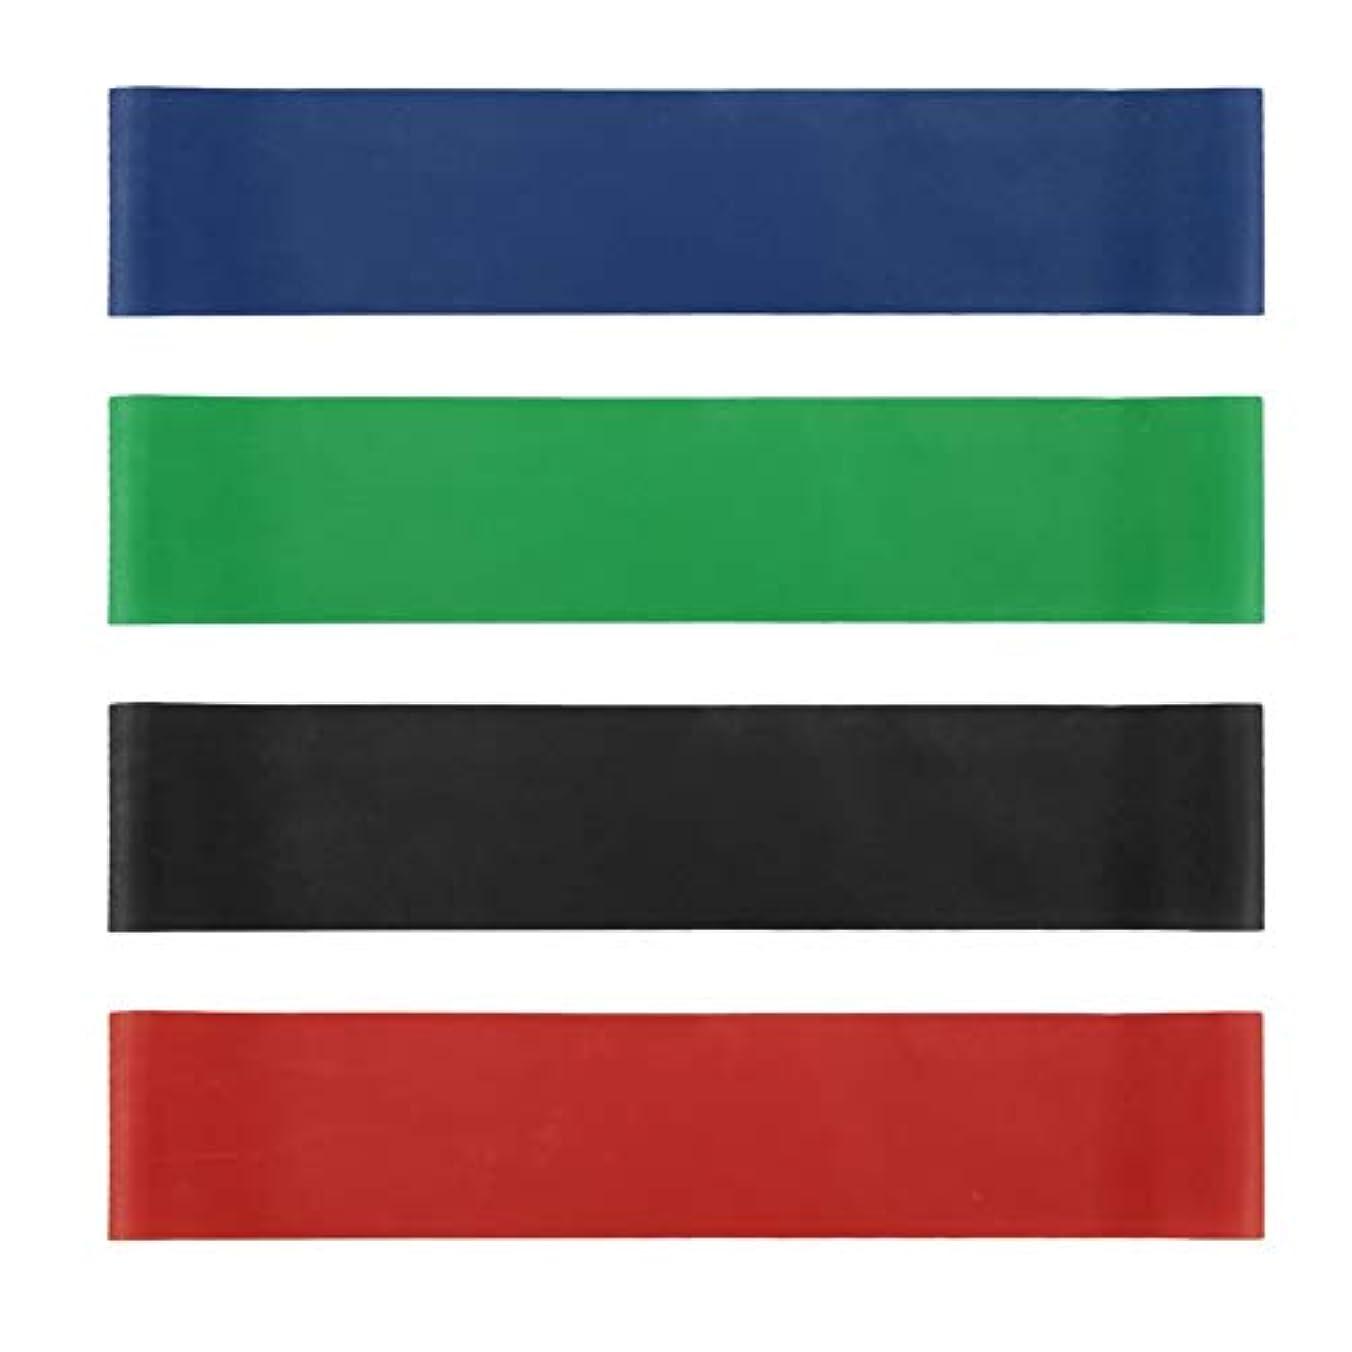 瞑想観察するリマ4本の伸縮性ゴム弾性ヨガベルトバンドプルロープ張力抵抗バンドループ強度のフィットネスヨガツール - レッド&ブルー&グリーン&ブラック